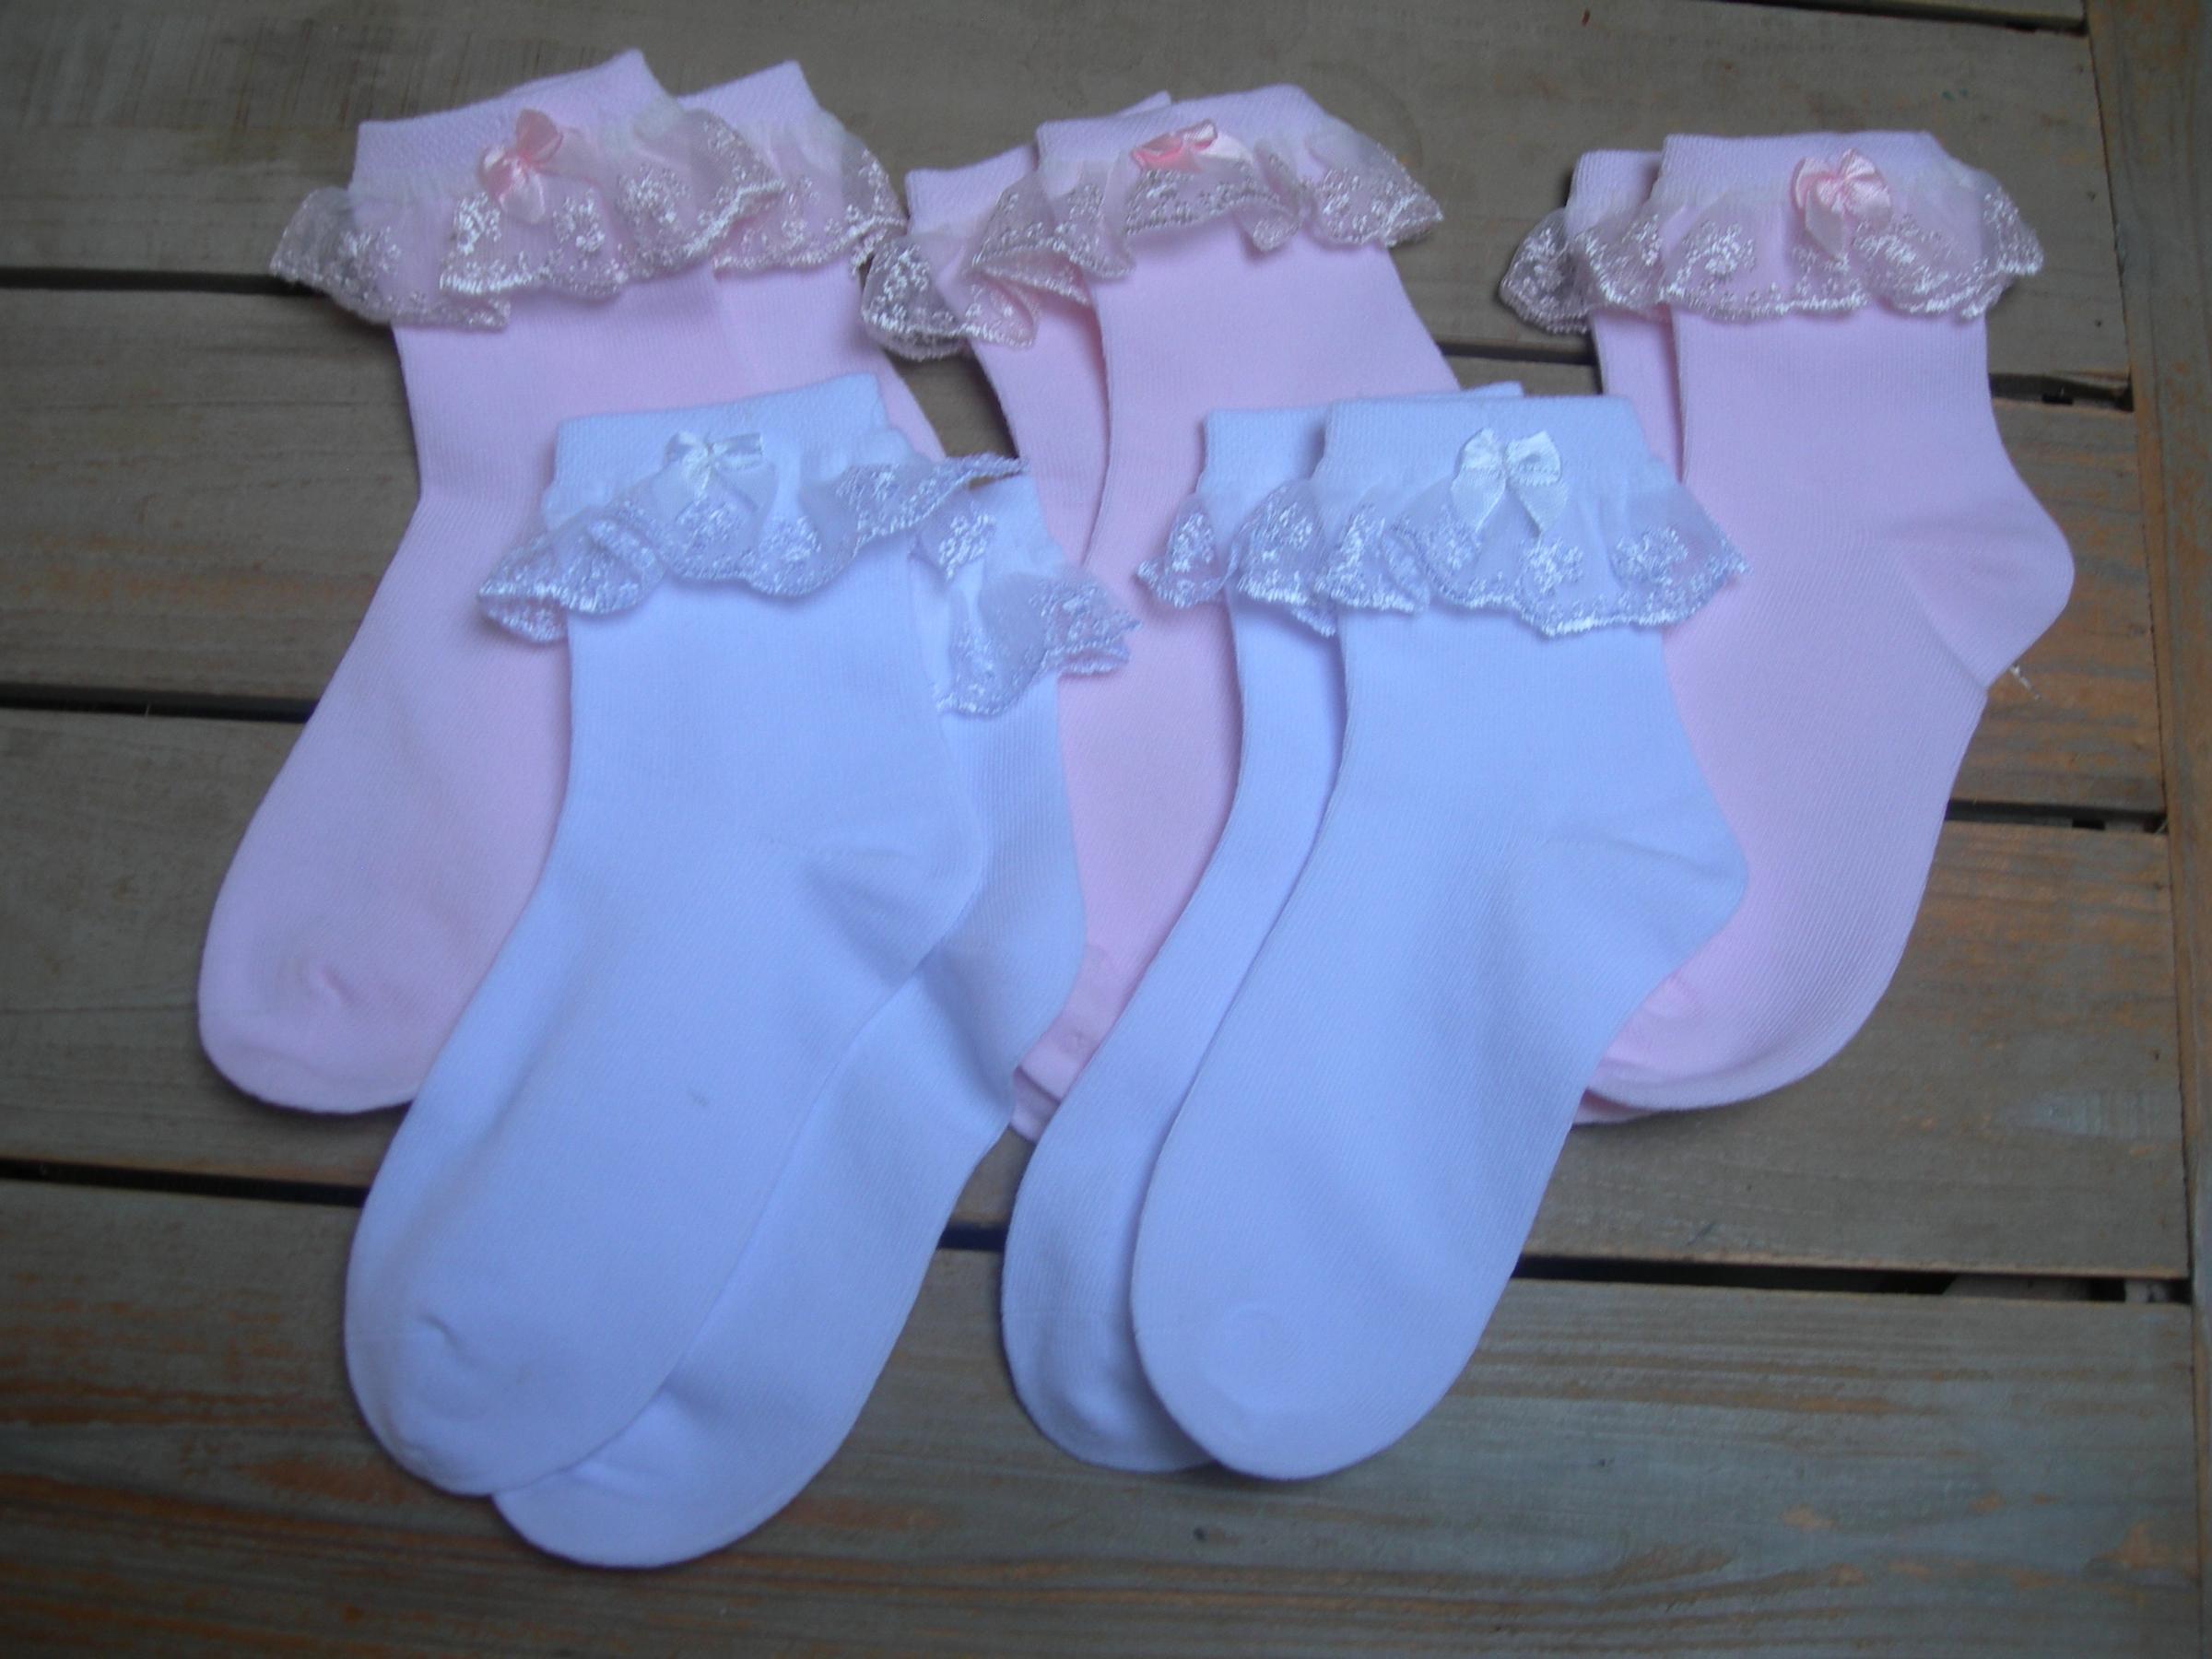 Magnifiques chaussettes